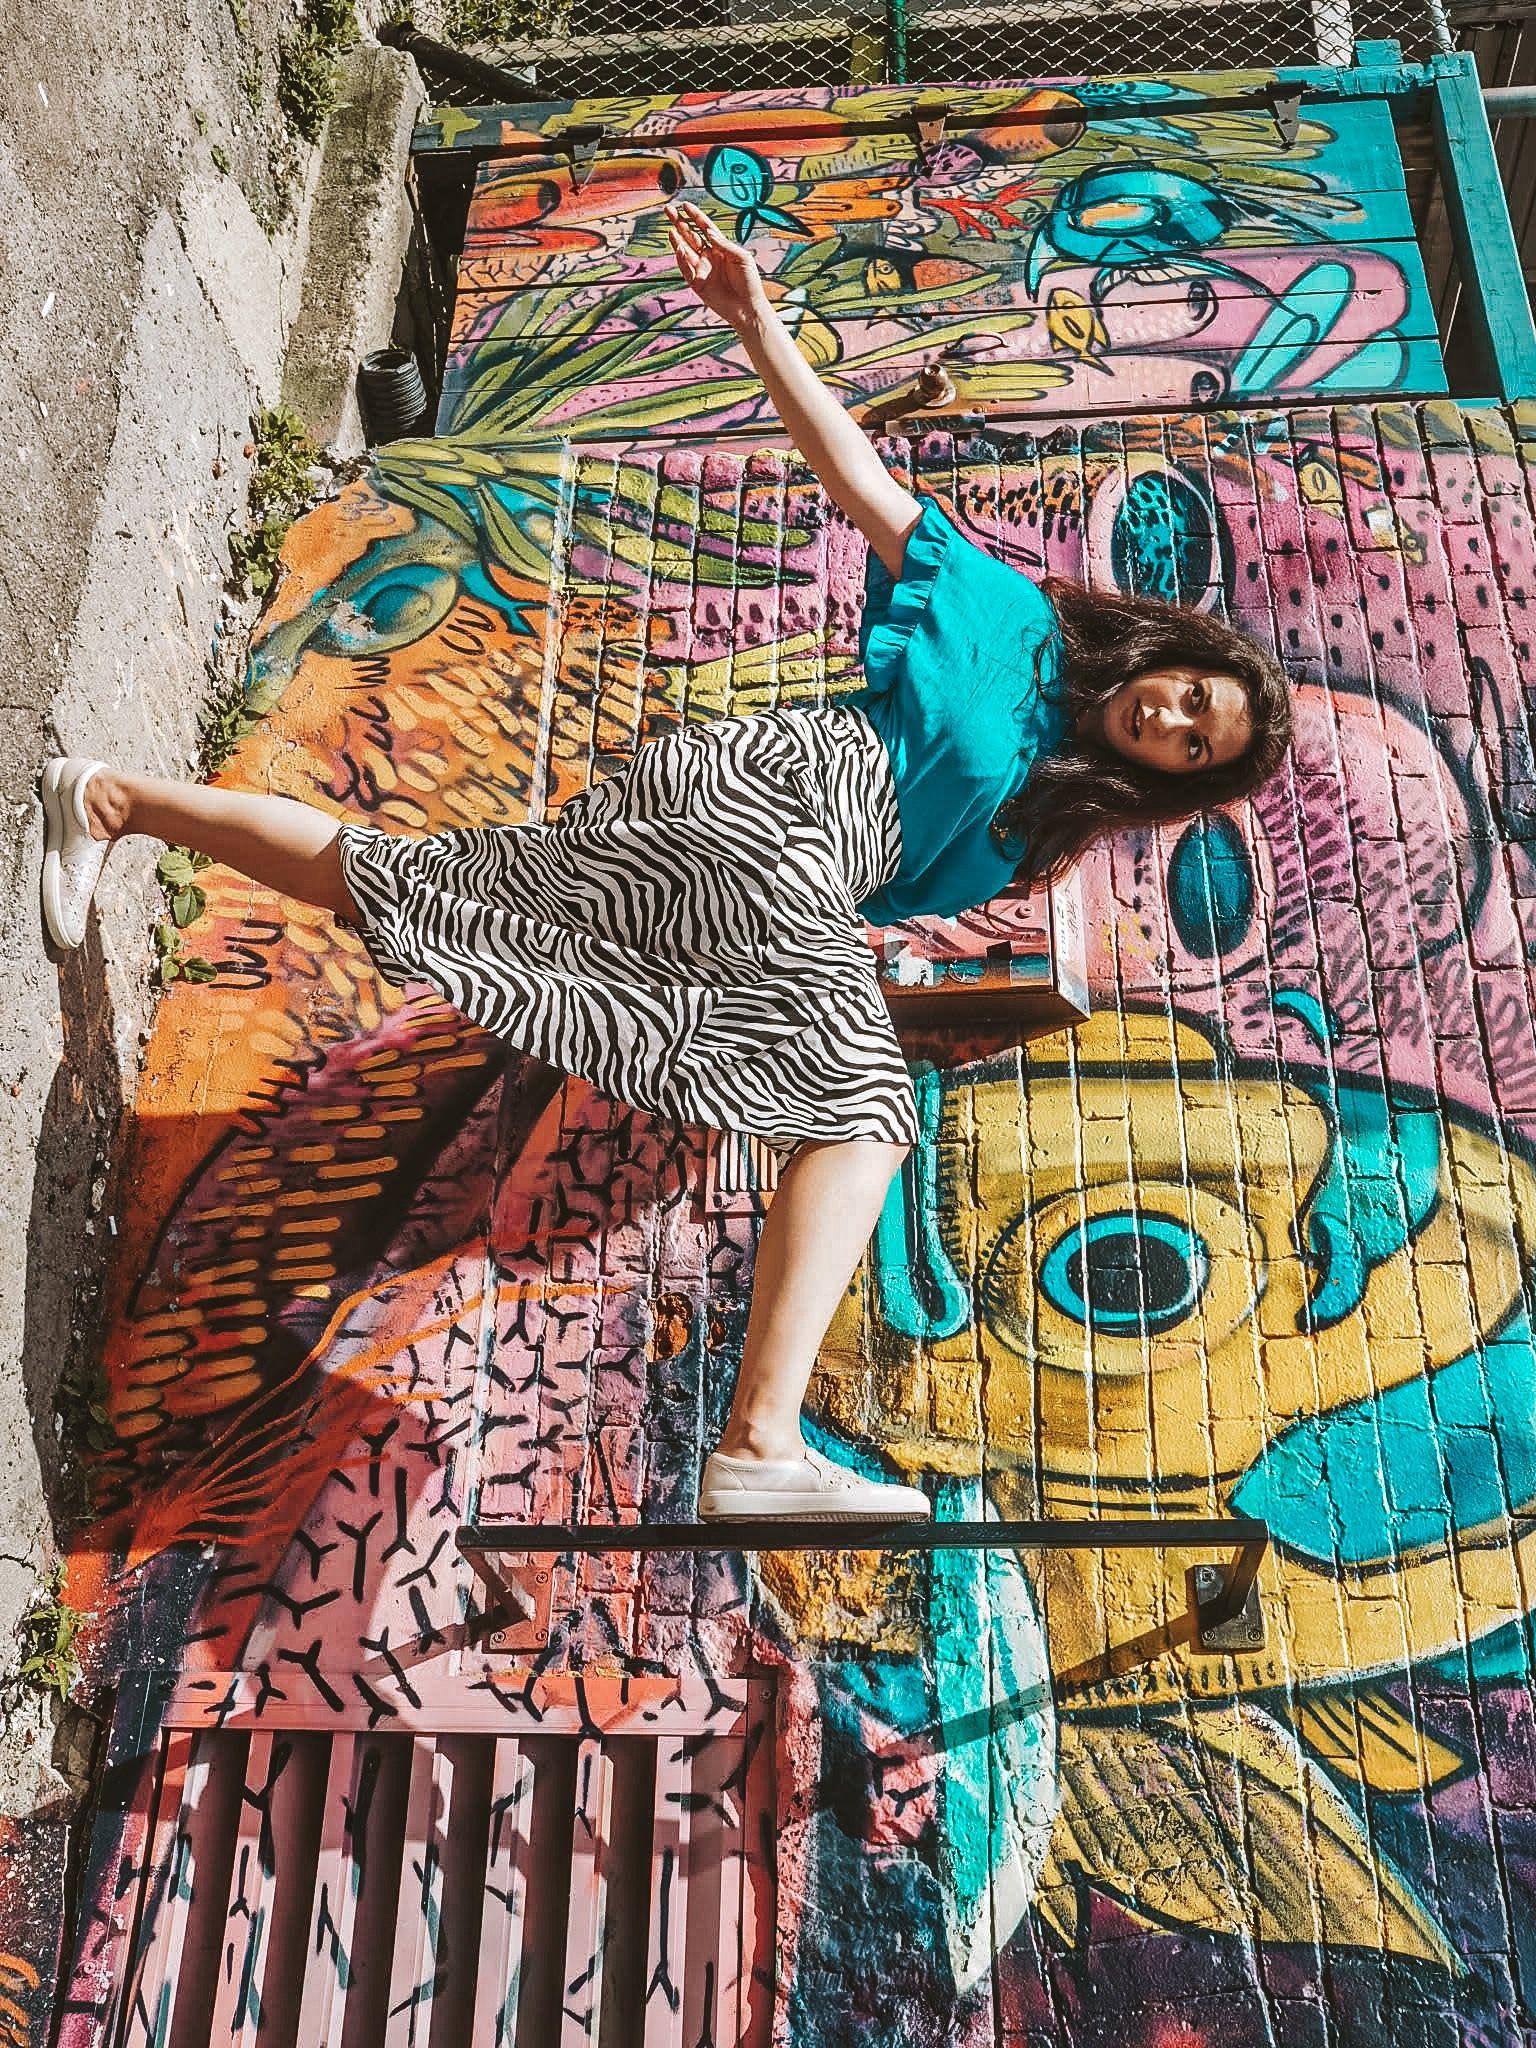 City guide toronto graffiti artwork city st james park